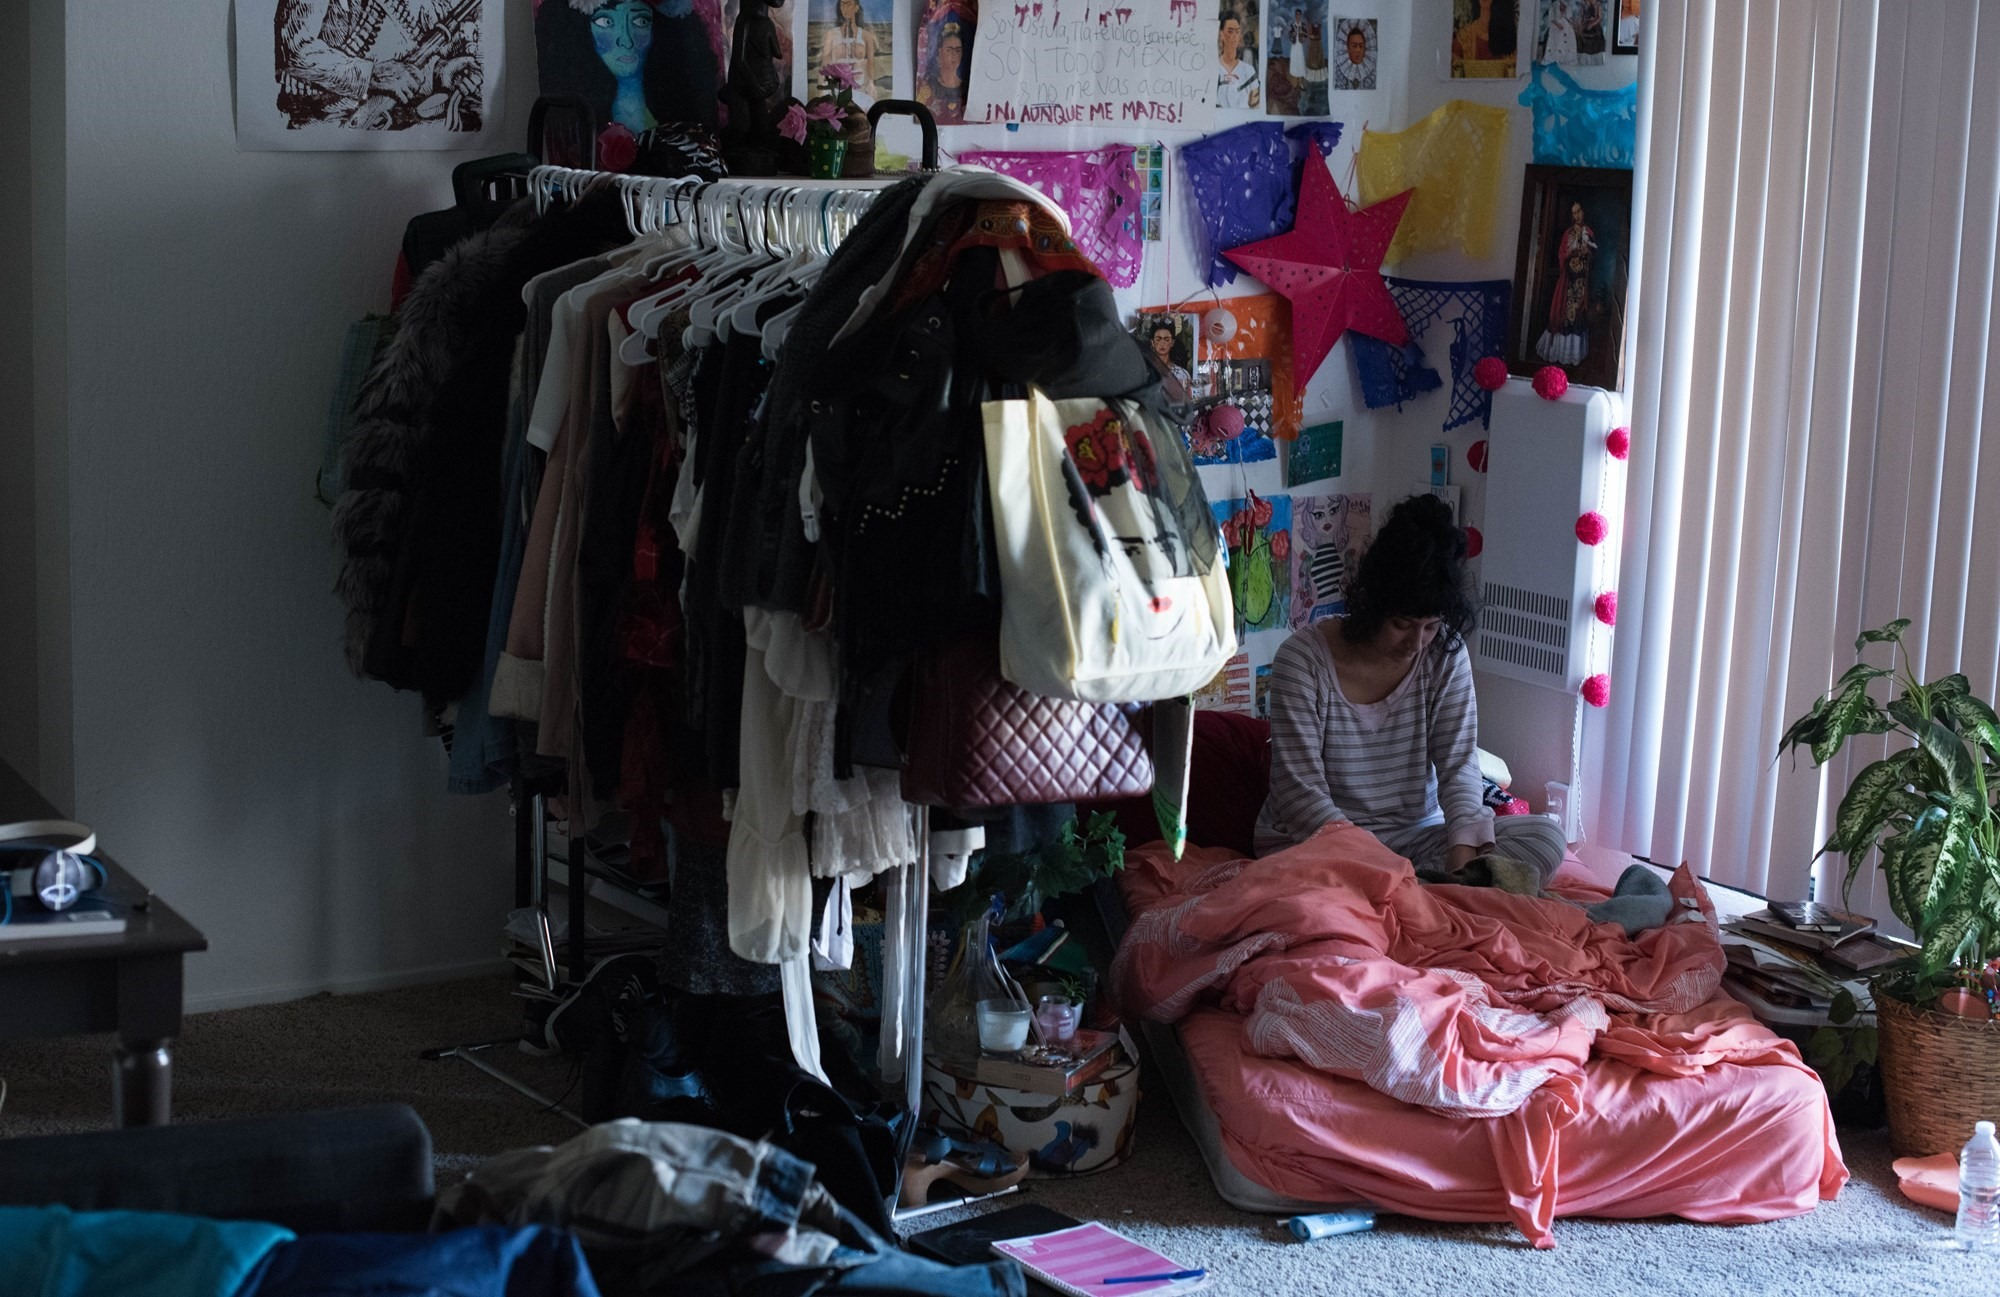 Jóvenes que viven en inmuebles pequeños y ganan poco dinero podrían sufrir de problemas mentales y físicos